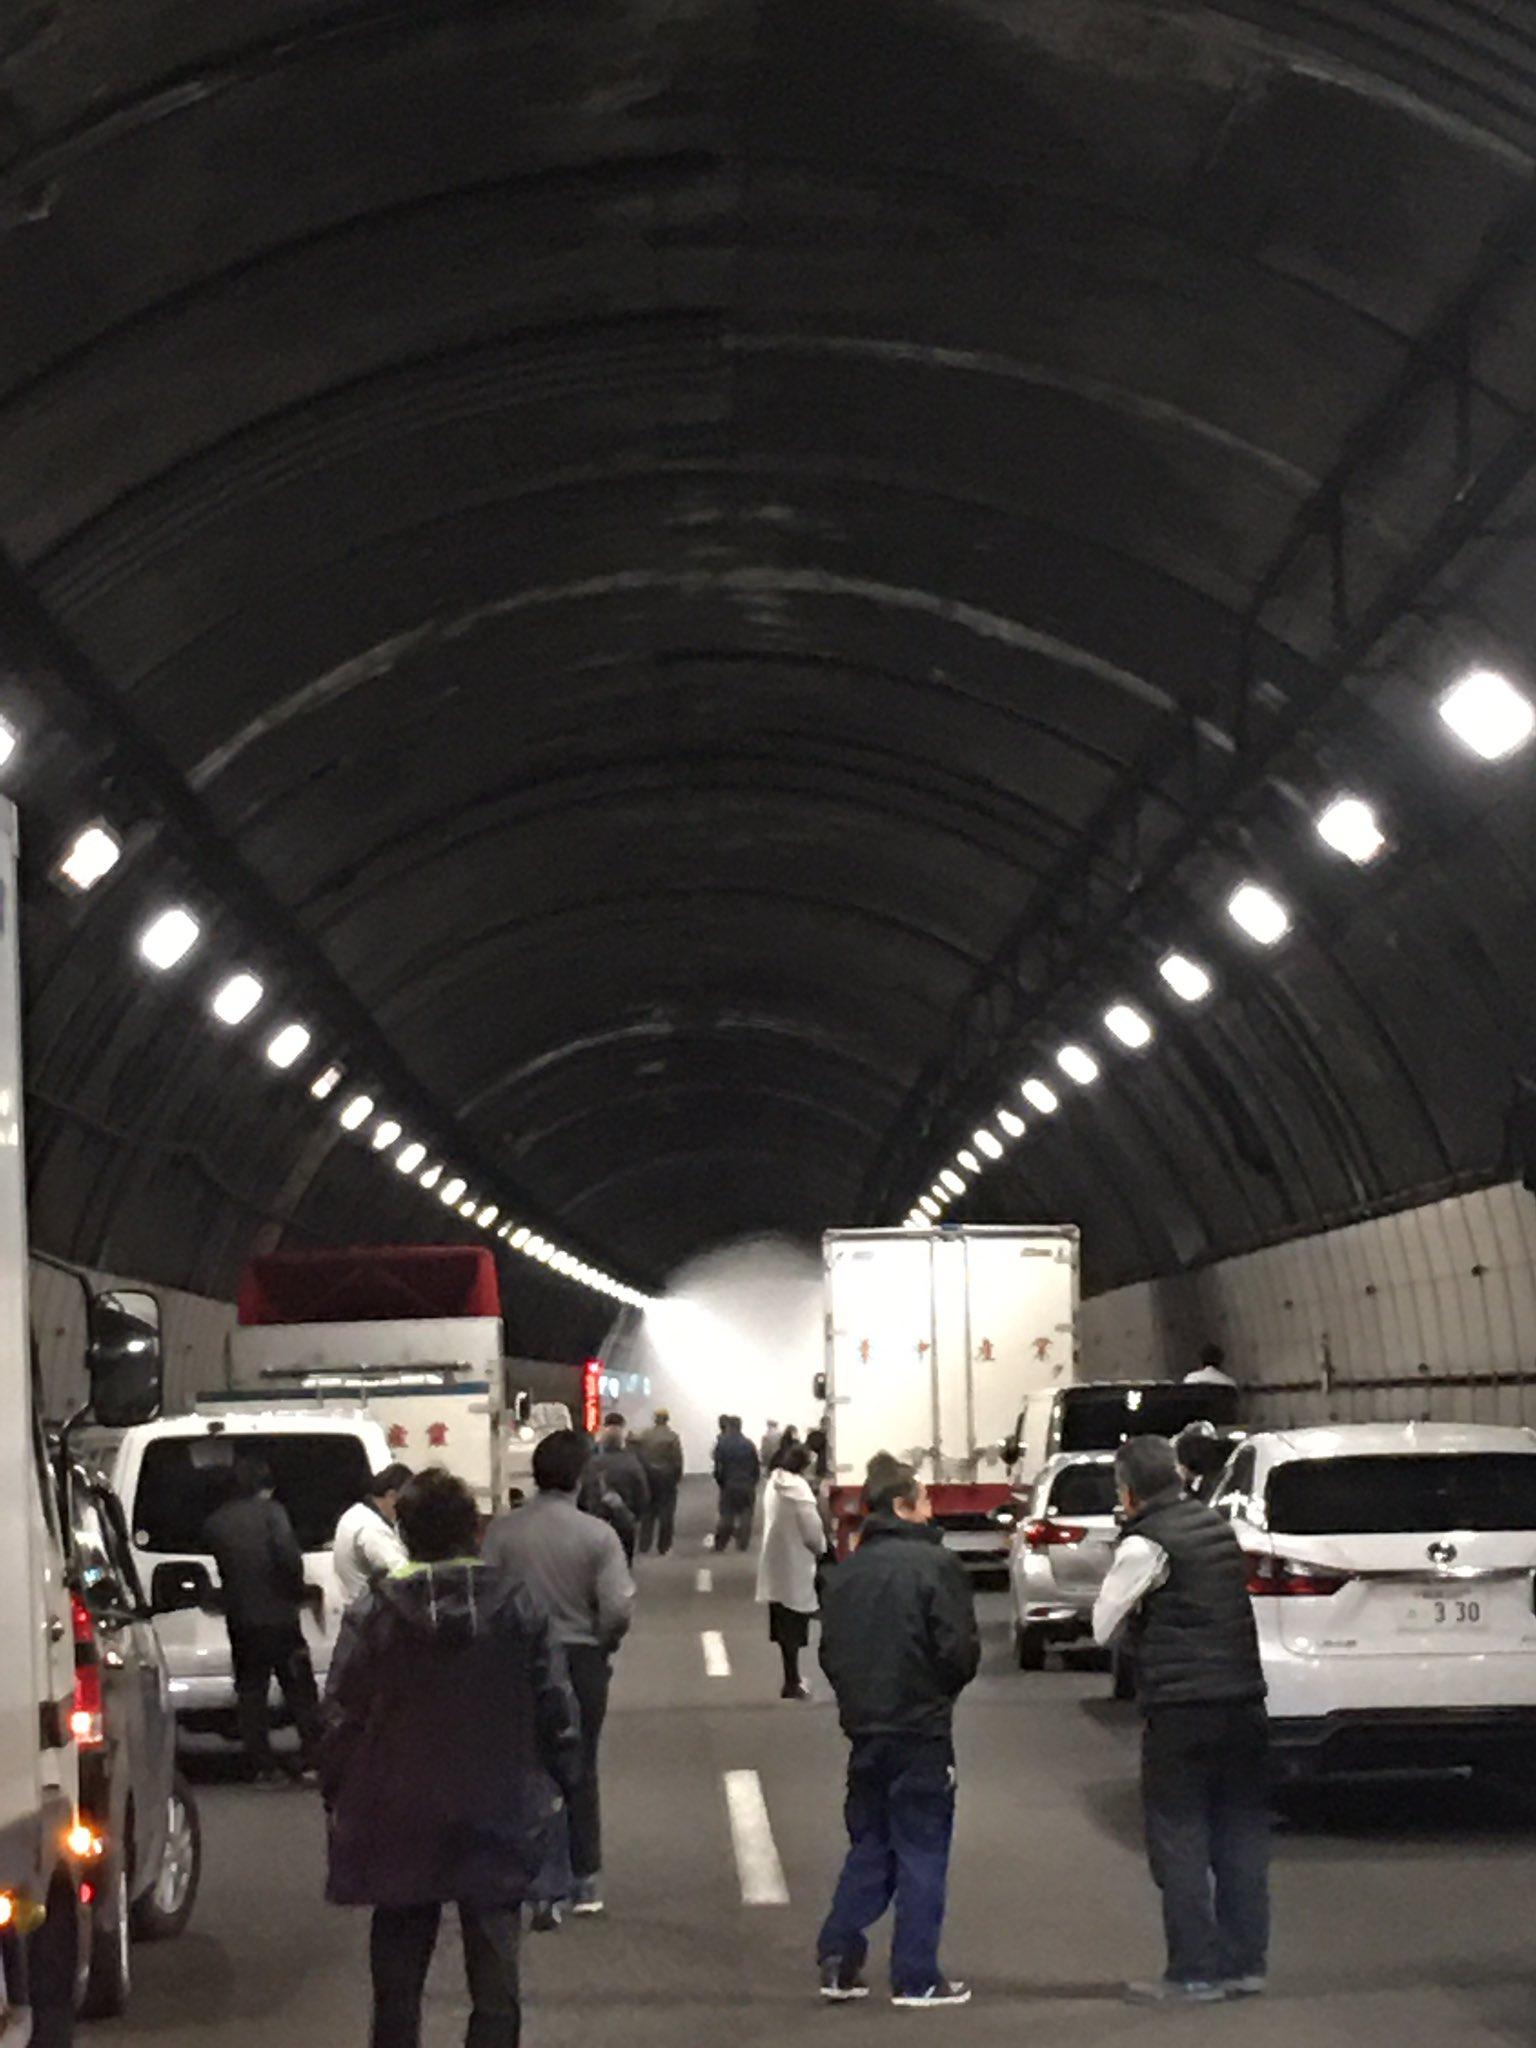 中央道の小仏トンネルで車両火災が発生している現場の画像